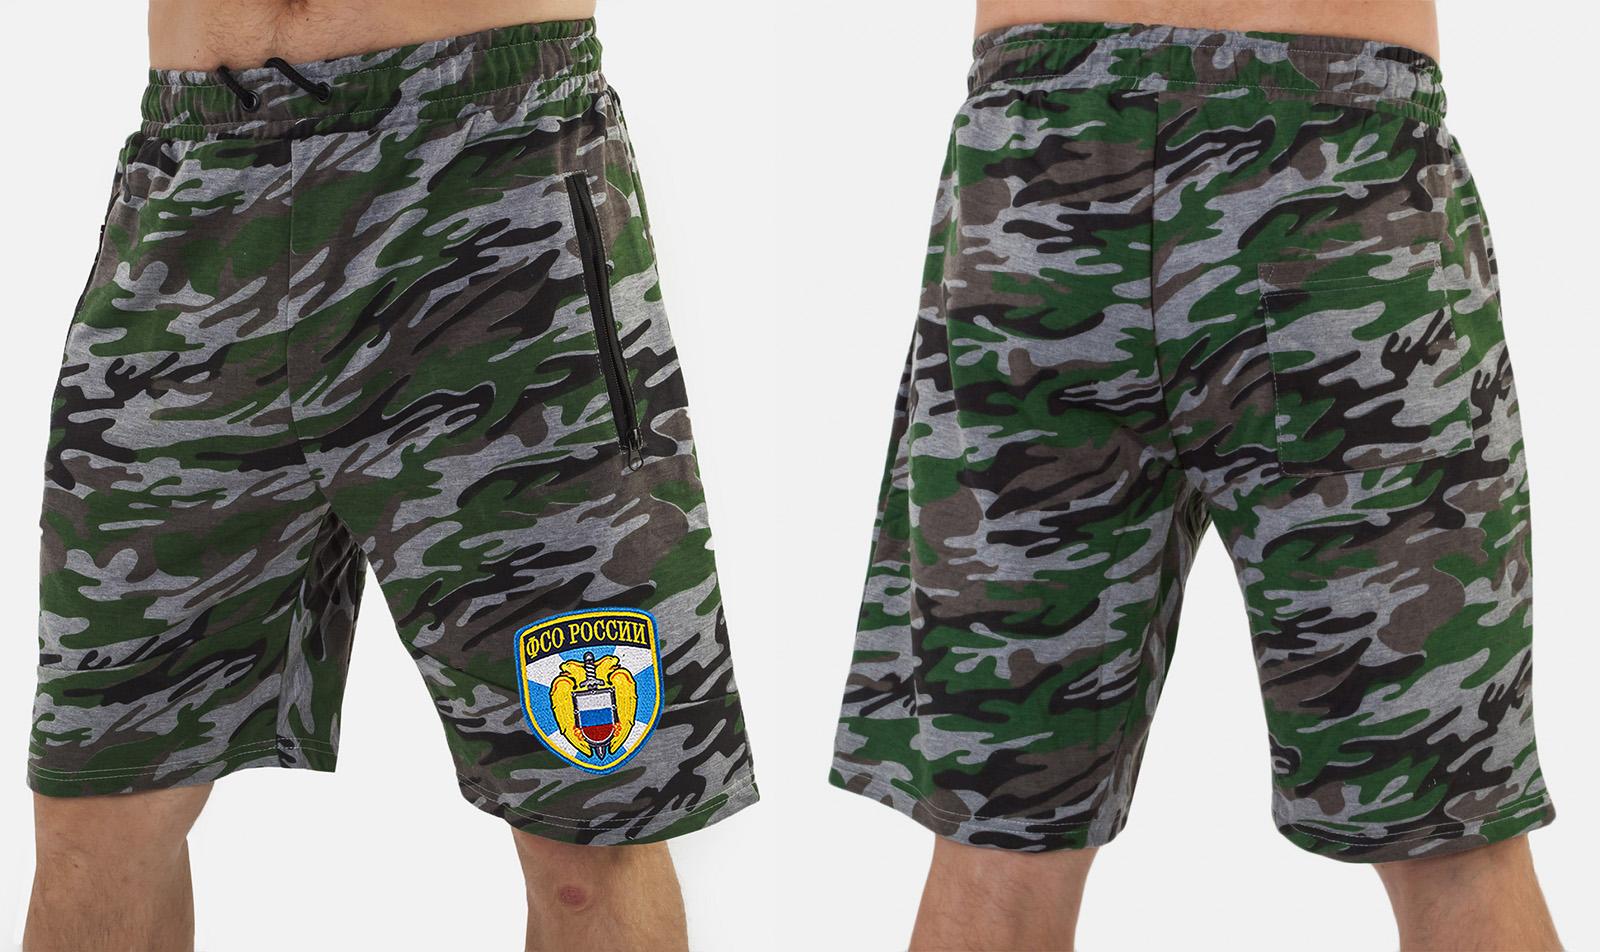 Зачетные мужские шорты нашивкой ФСО - заказать в розницу